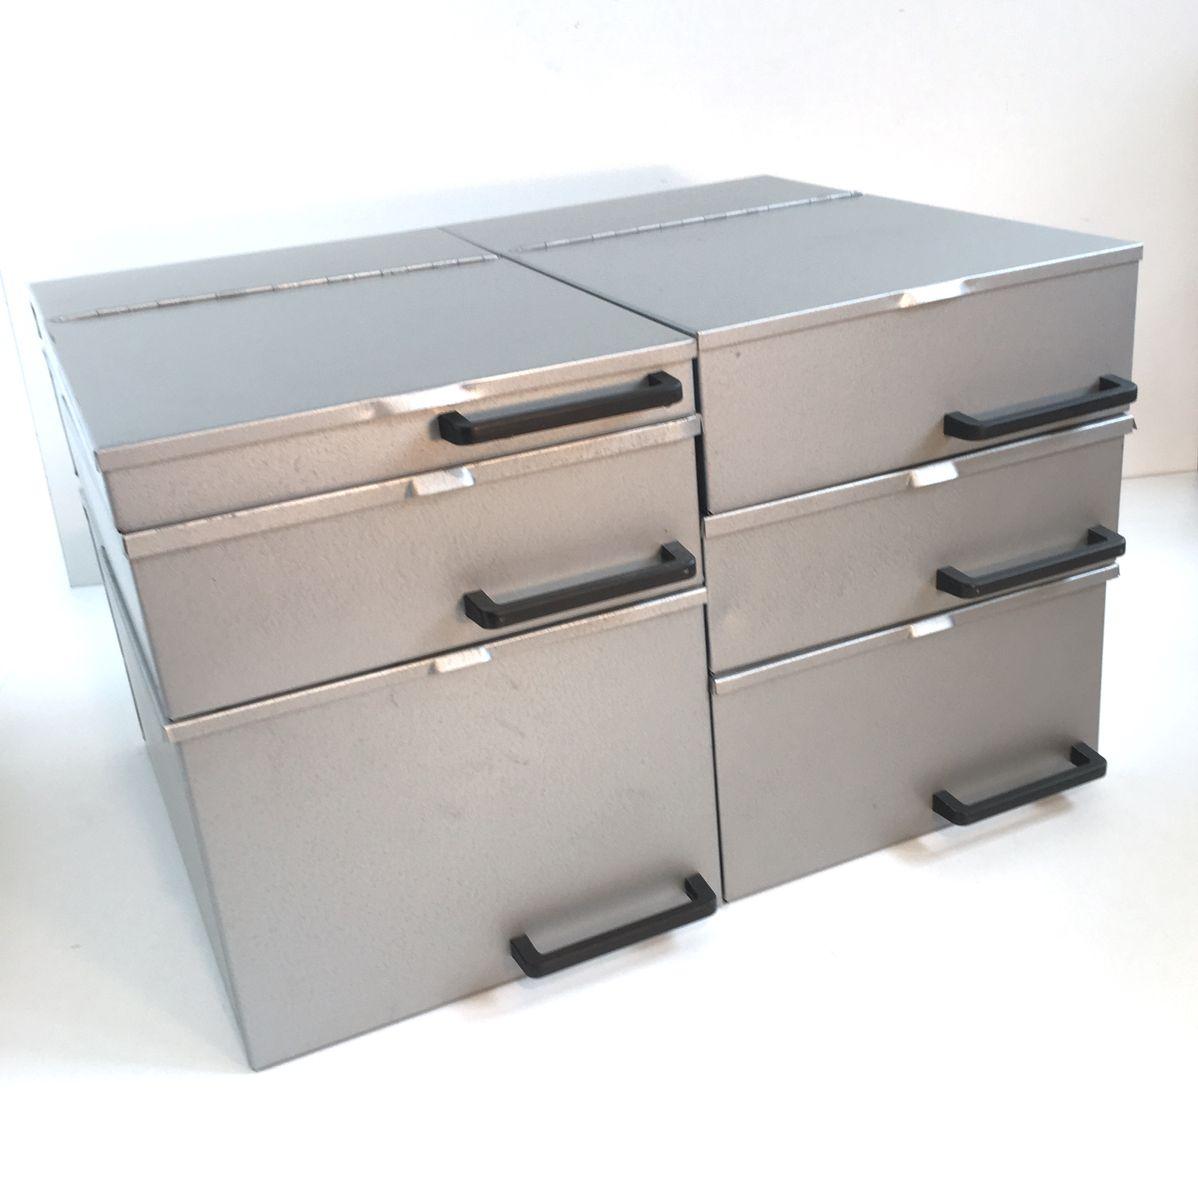 bo tes vintage industrielle en m tal 1970s set de 6 en vente sur pamono. Black Bedroom Furniture Sets. Home Design Ideas